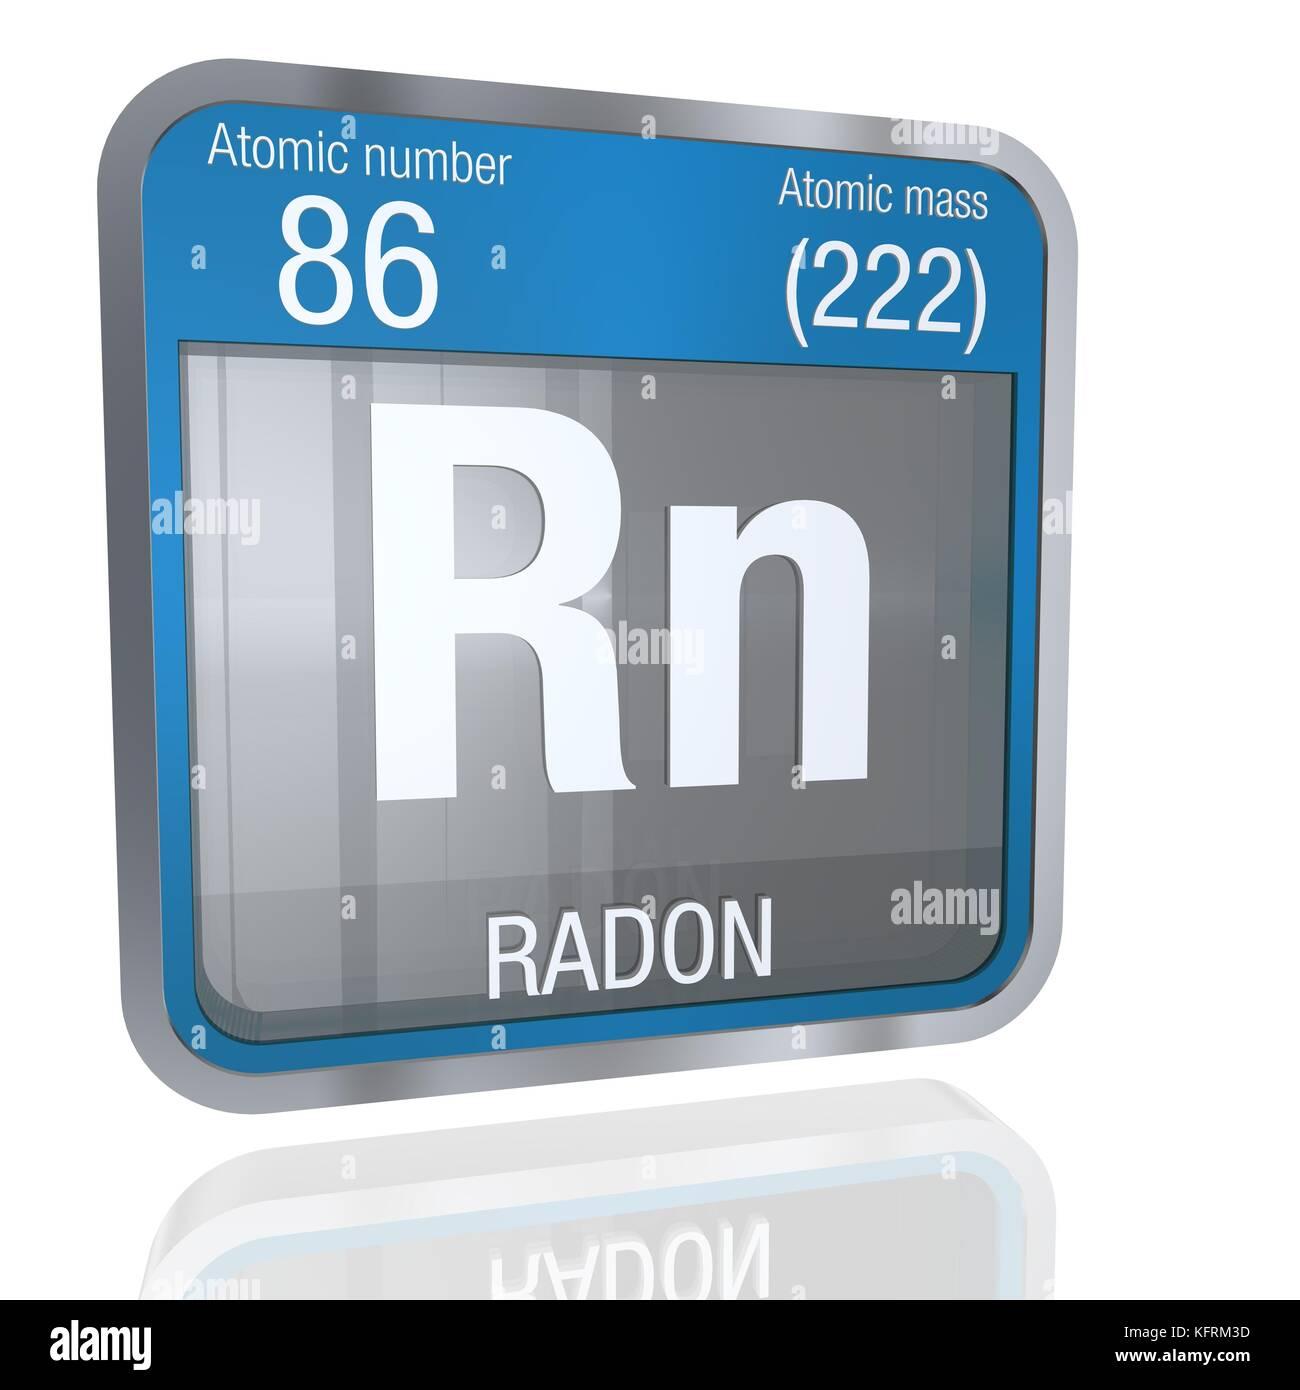 Radon symbol periodic table images periodic table images radon periodic table facts gallery periodic table images radon symbol periodic table choice image periodic table gamestrikefo Image collections